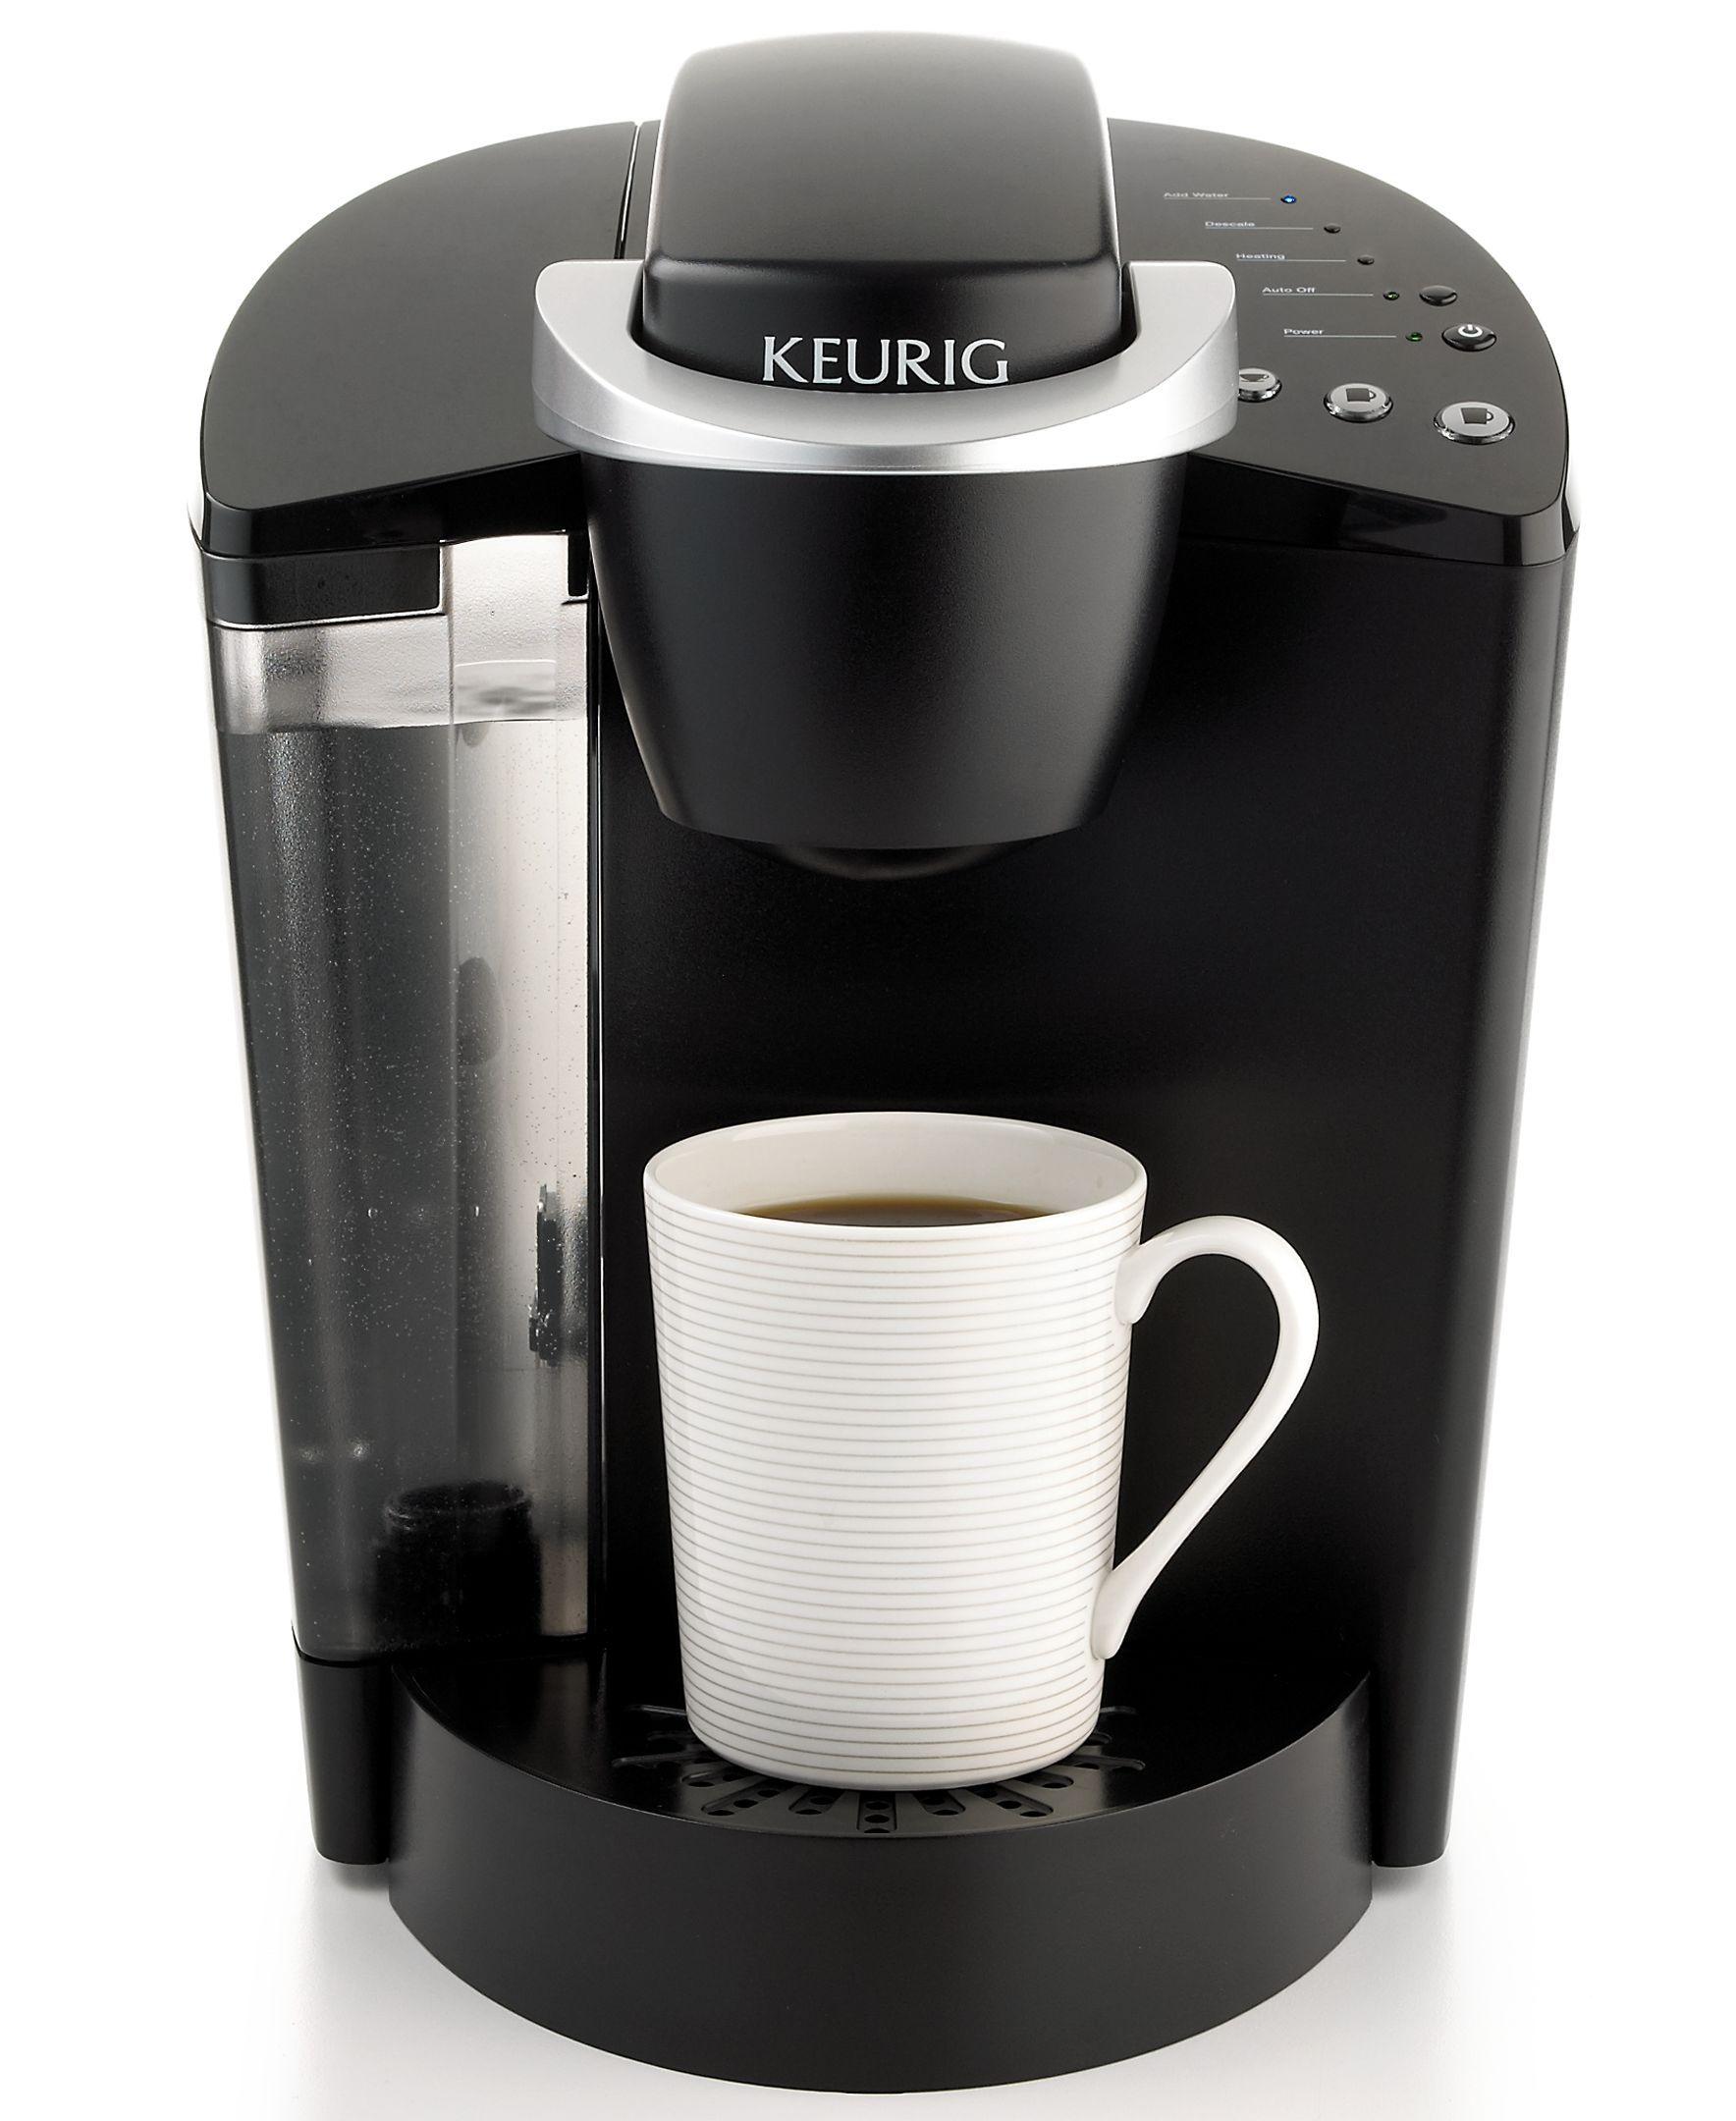 Keurig K45 Elite Single Serve Brewer Single Cup Coffee Maker